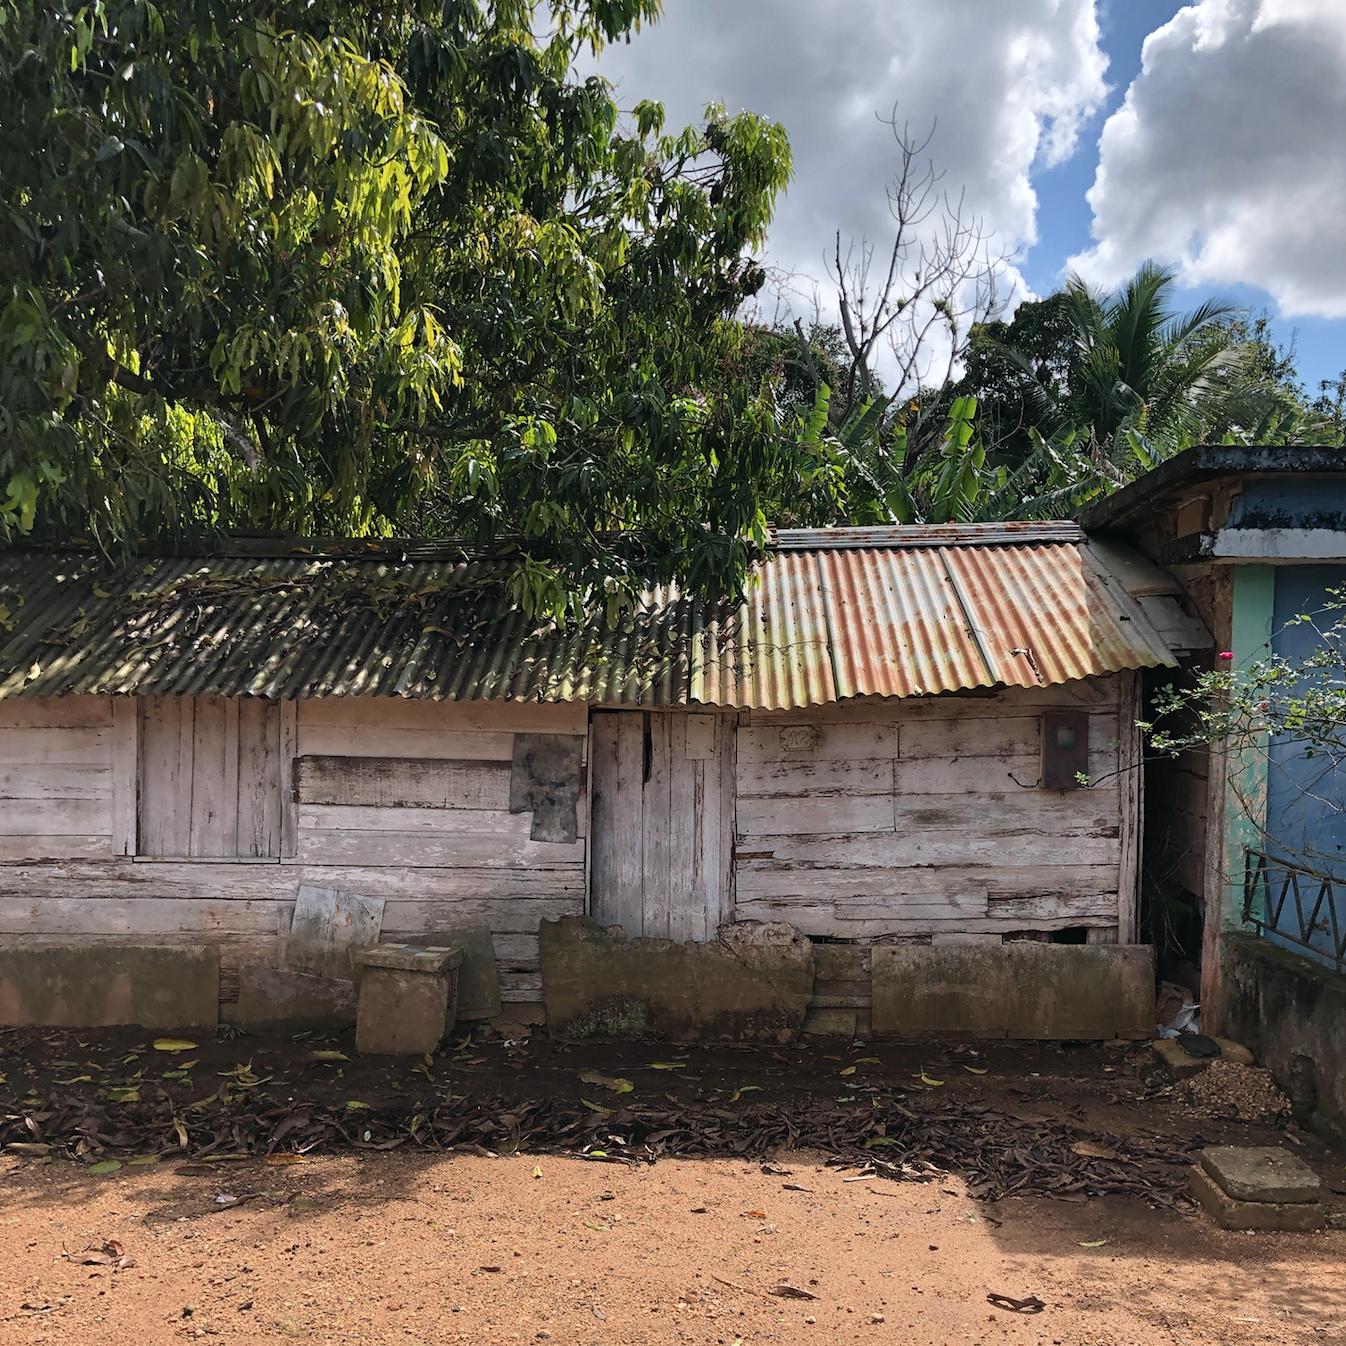 Leysa's first family home in Varadero, Cuba.